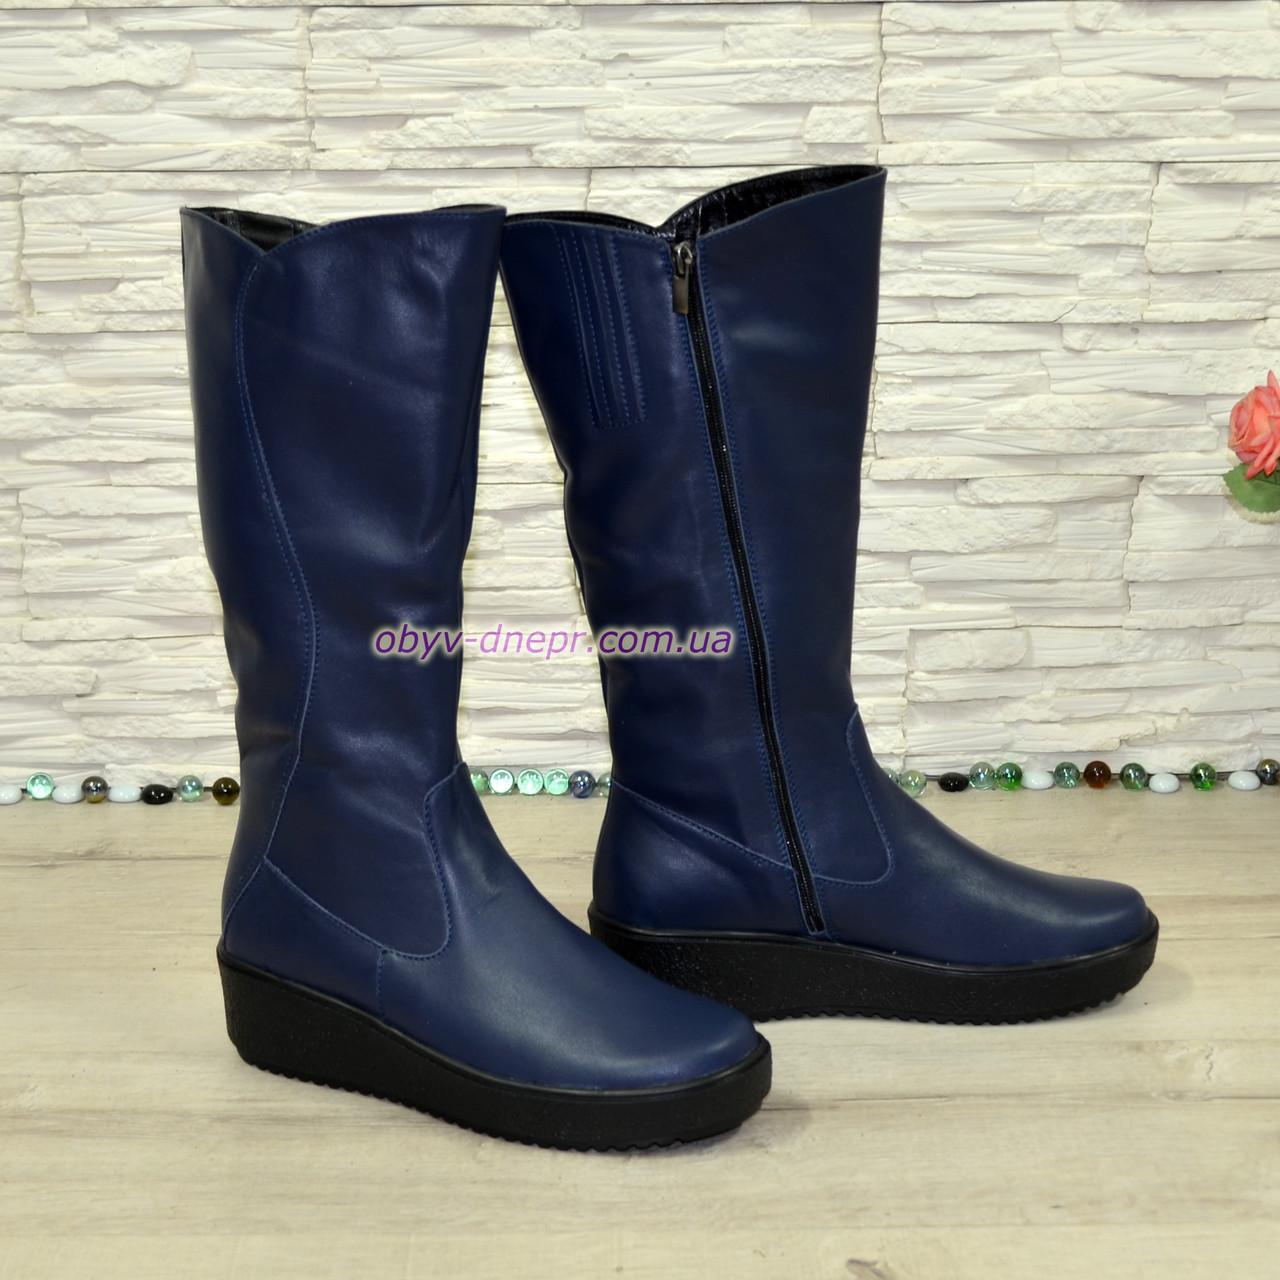 Жіночі шкіряні зимові чоботи на невисокій танкетці, колір синій